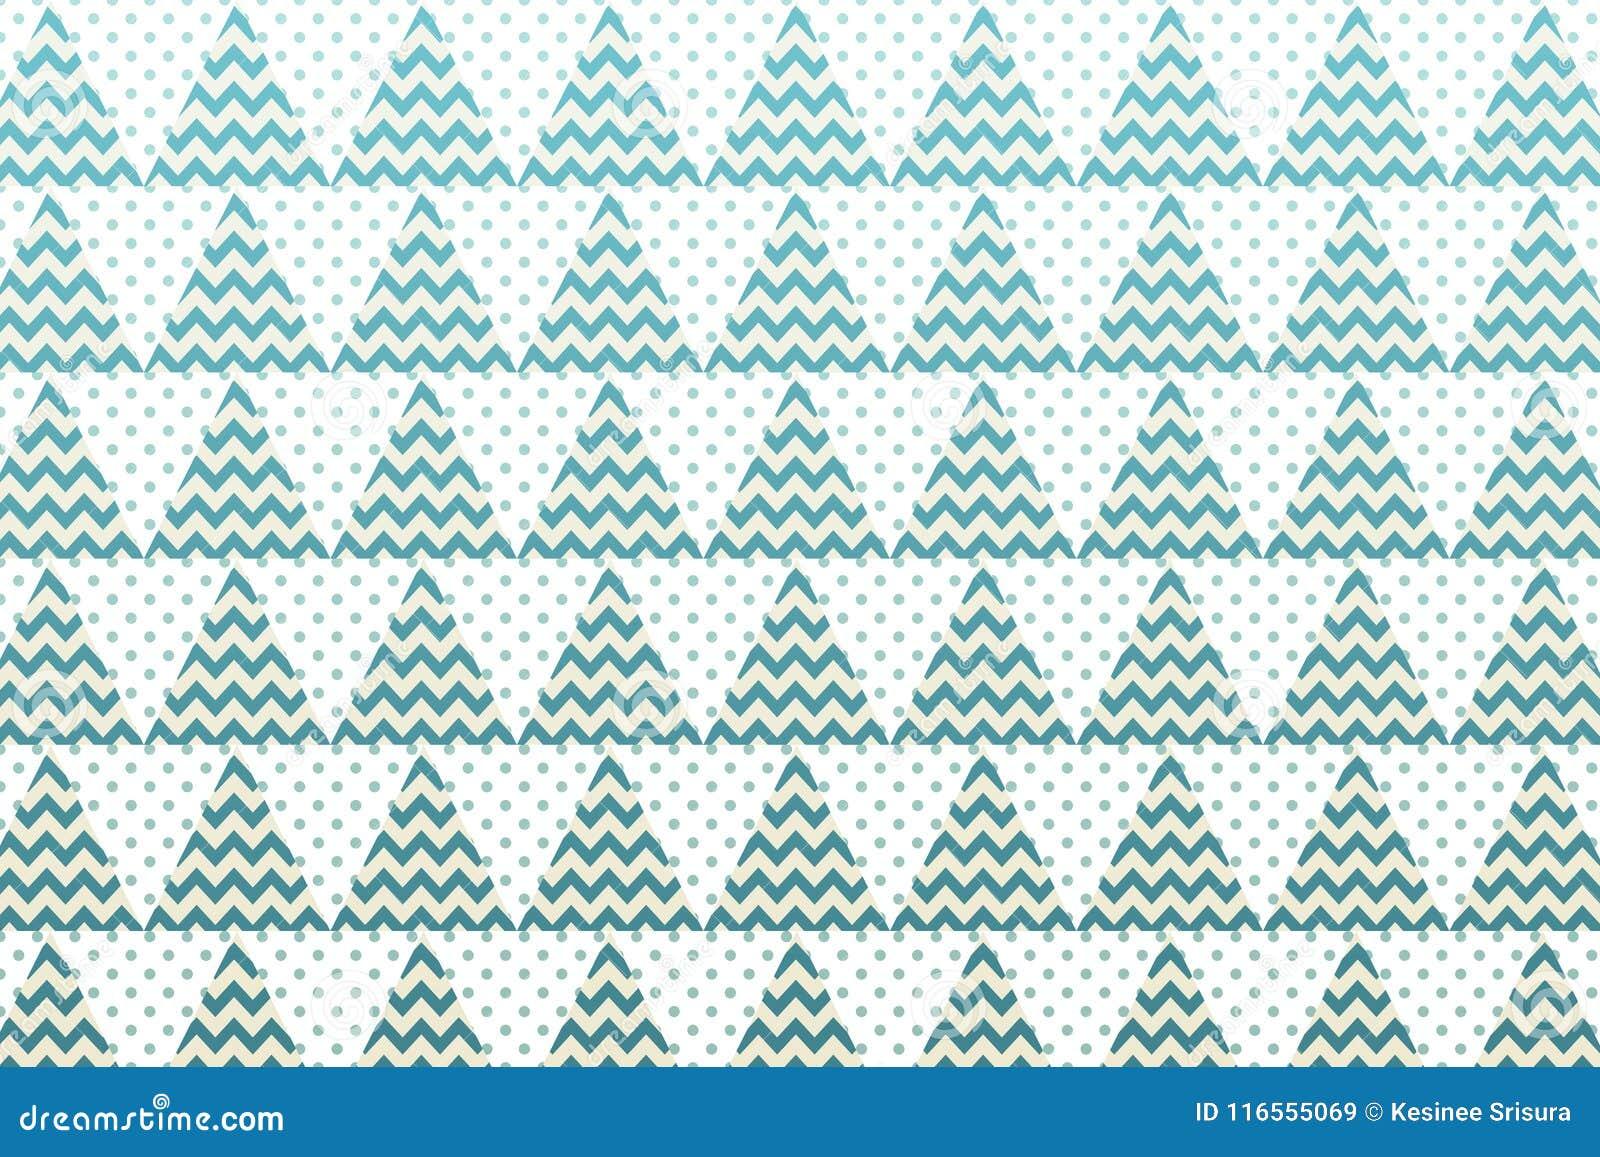 Choinka wzór z zieloną trójboka, zygzakowatej i małej kropką,